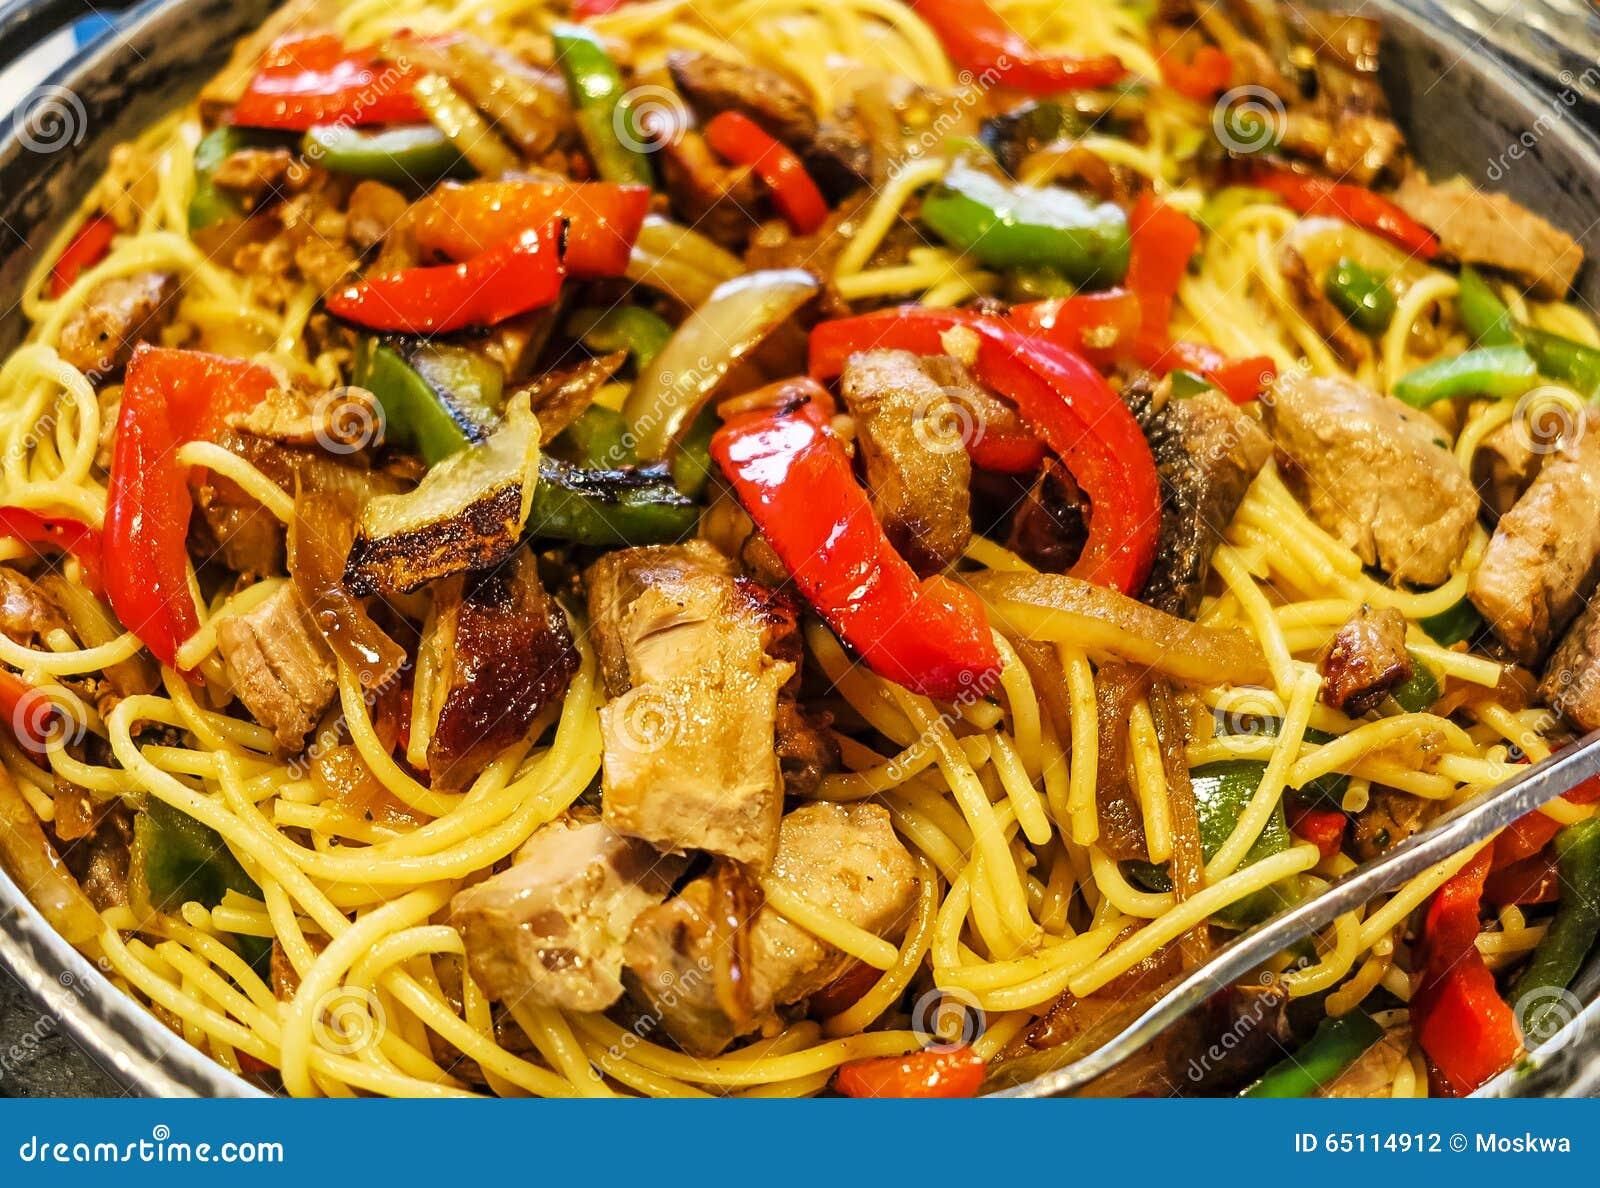 Plat de p tes avec de la viande et des l gumes photo stock for Decoration de plat avec des legumes